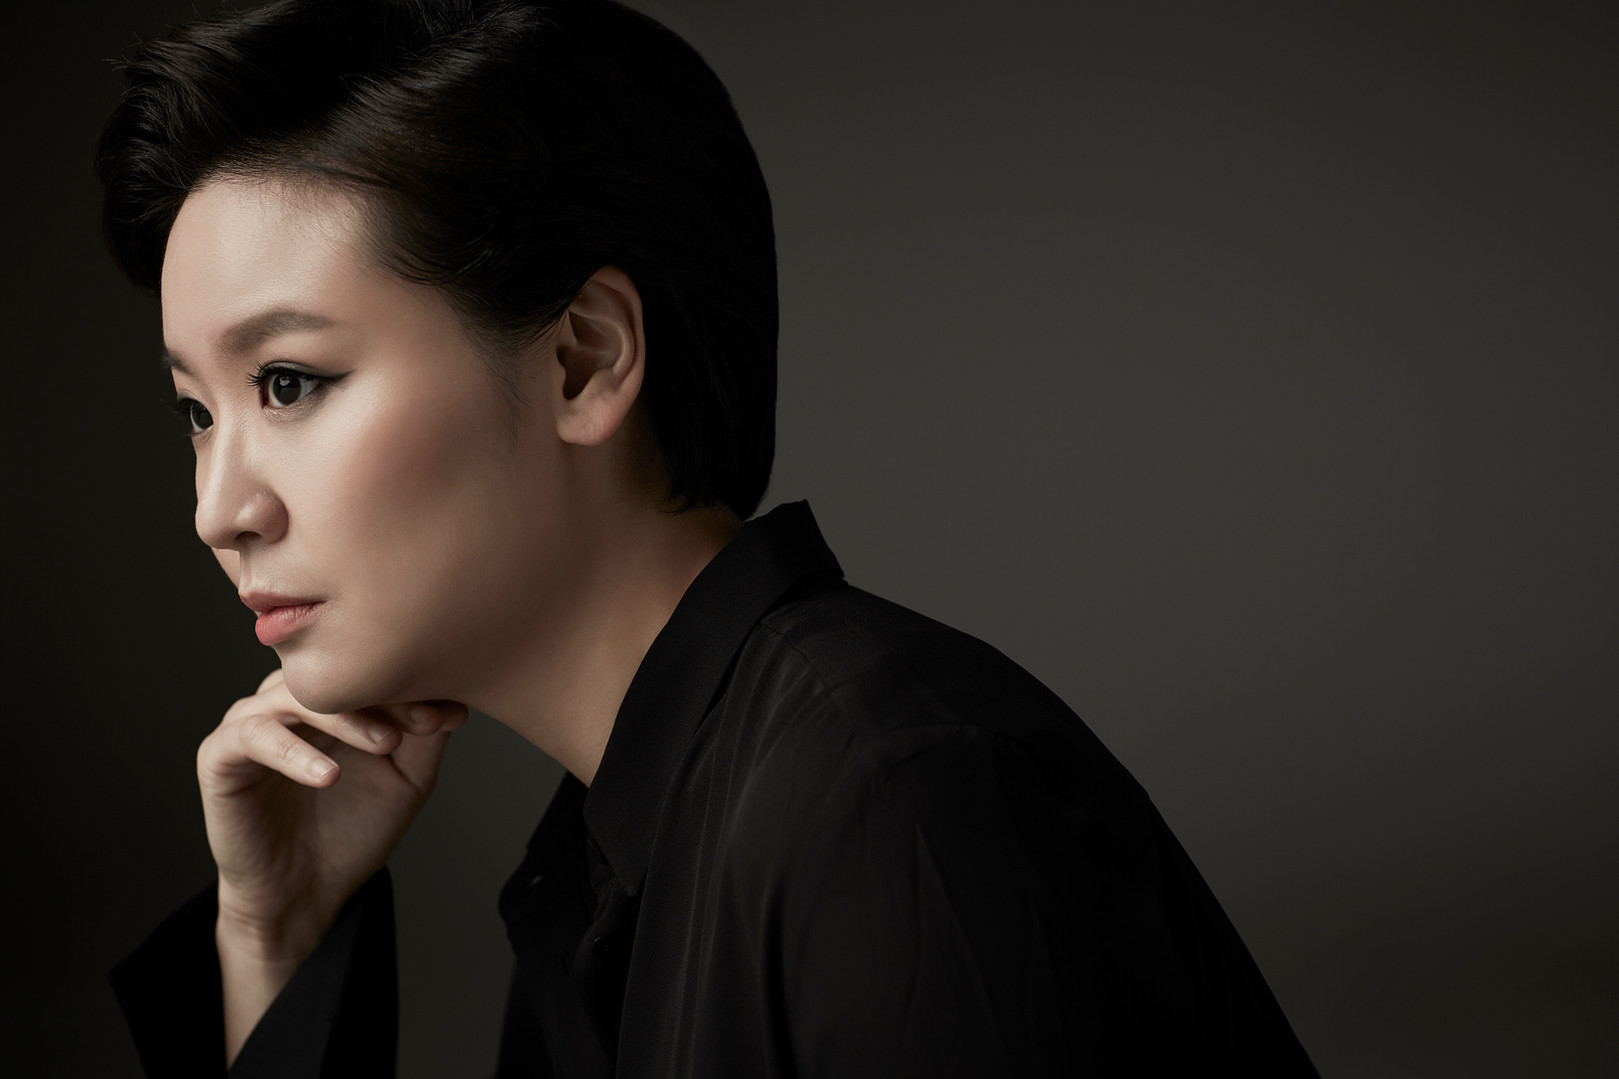 Photo credit: Sangwook Lee